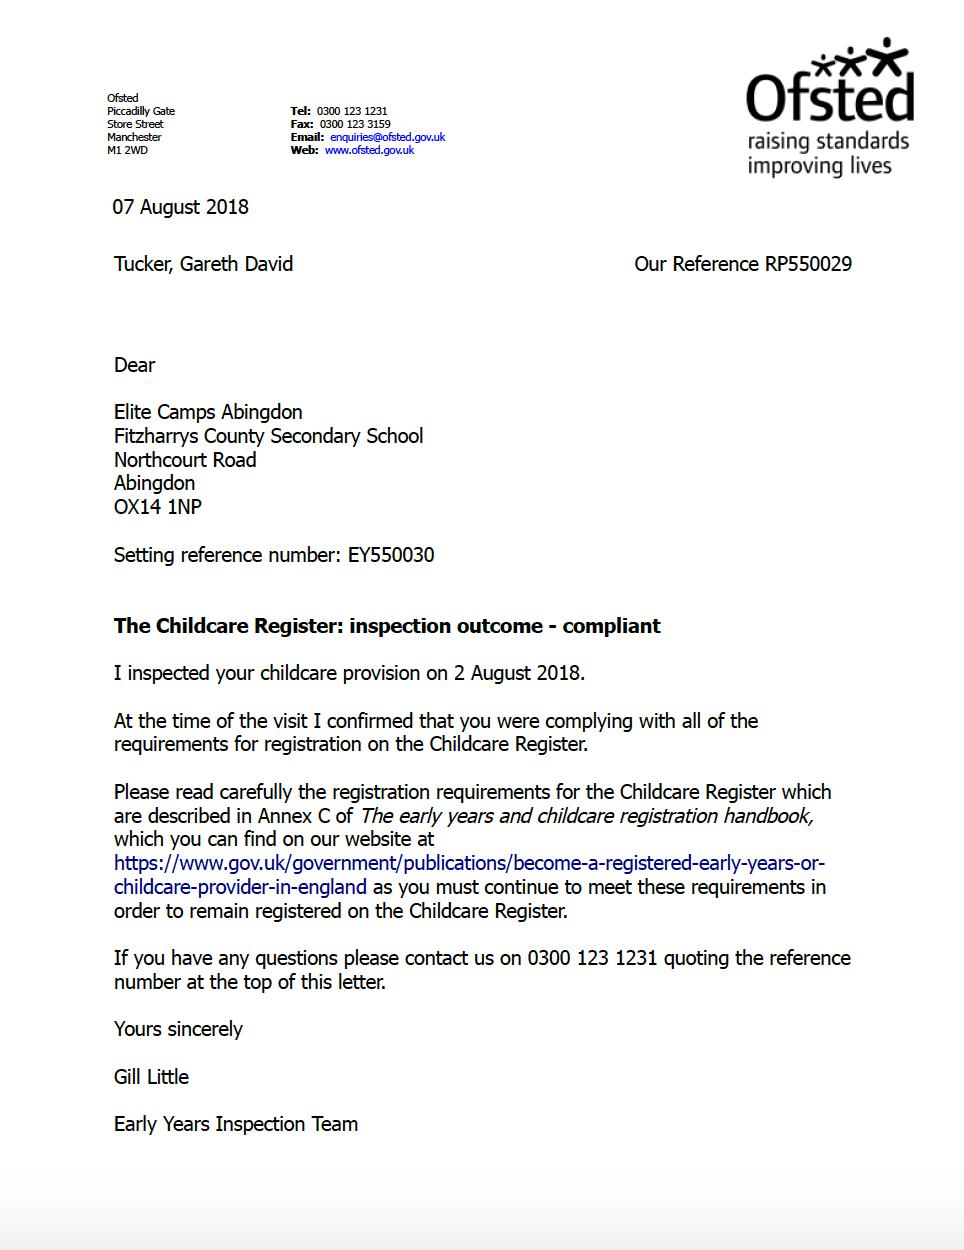 Childcare Register Inspection Letter